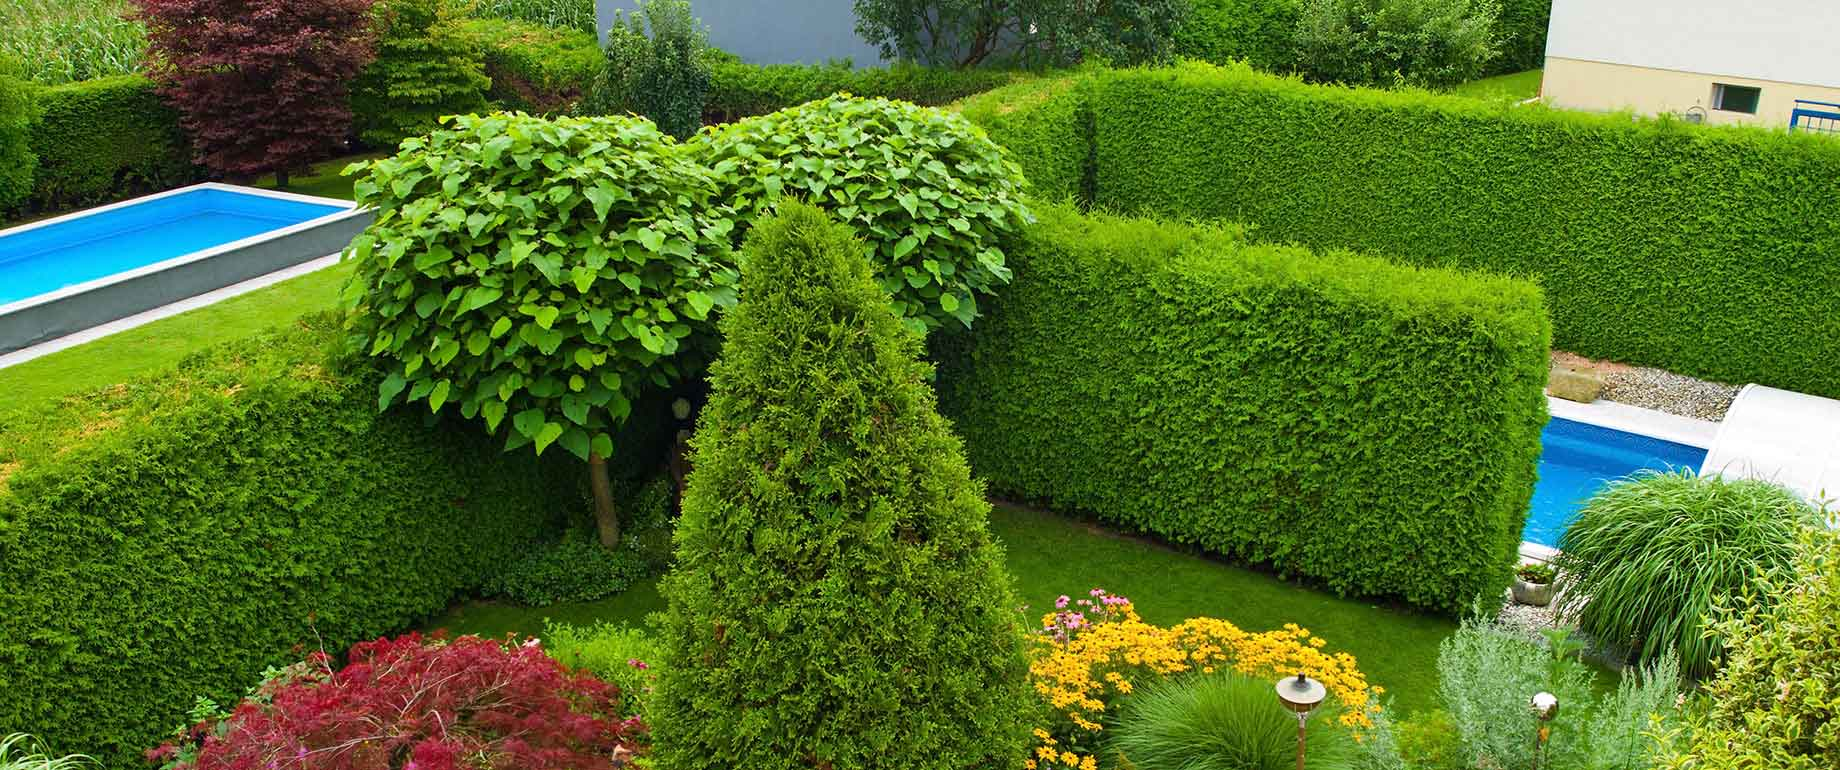 Gartengestaltung4